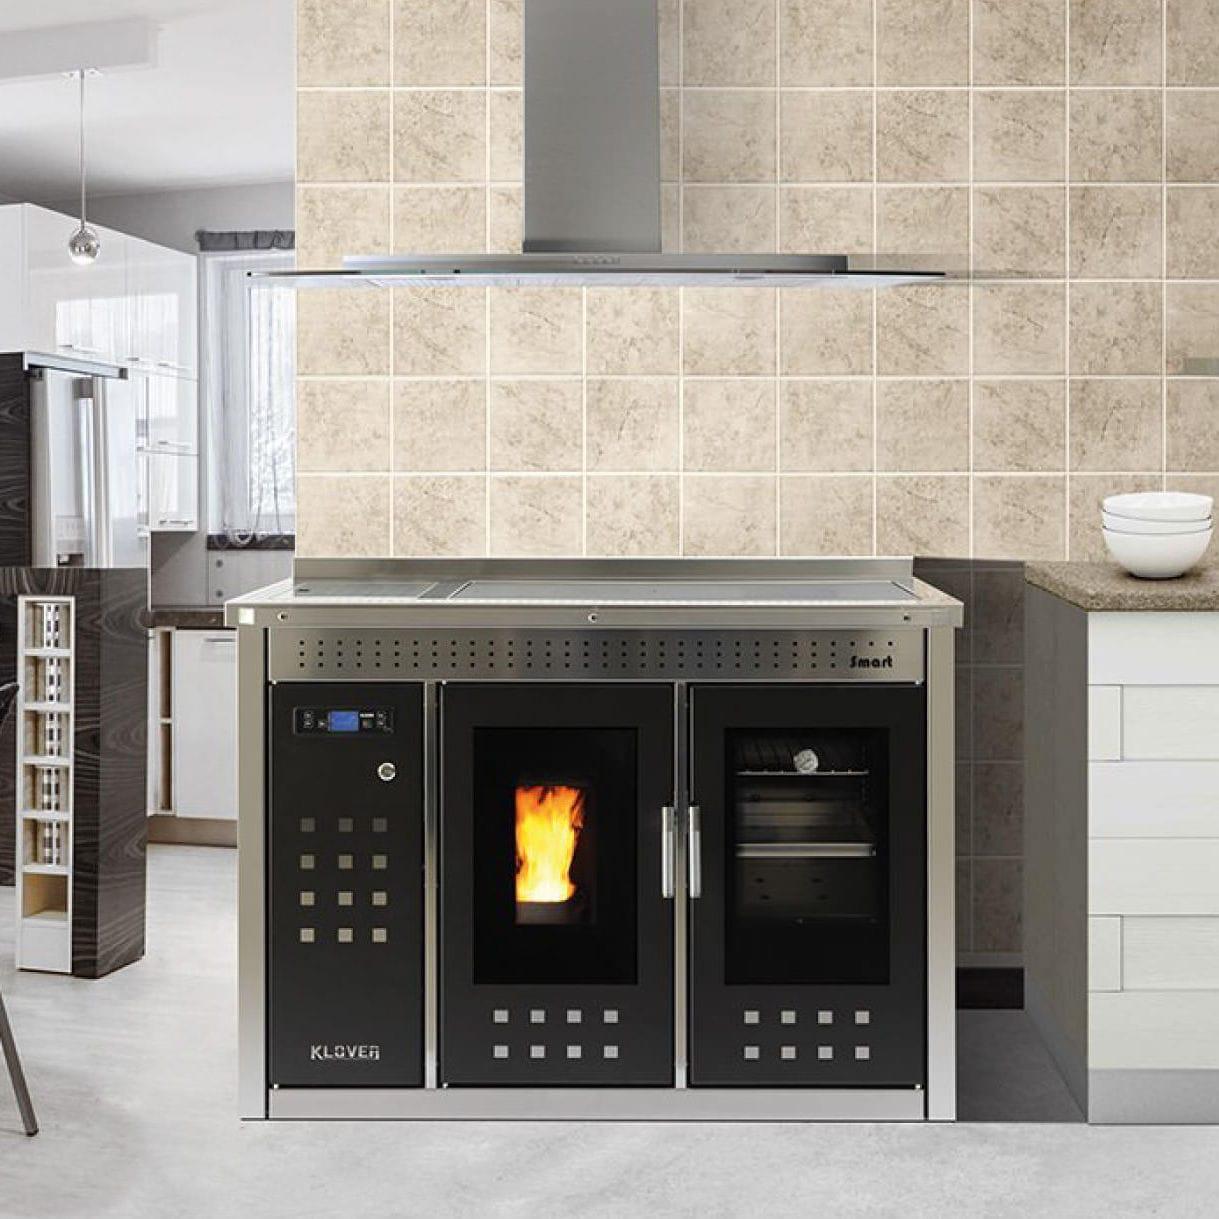 Blocco cucina a pellet / in acciaio inox / per caldaia / in ceramica ...